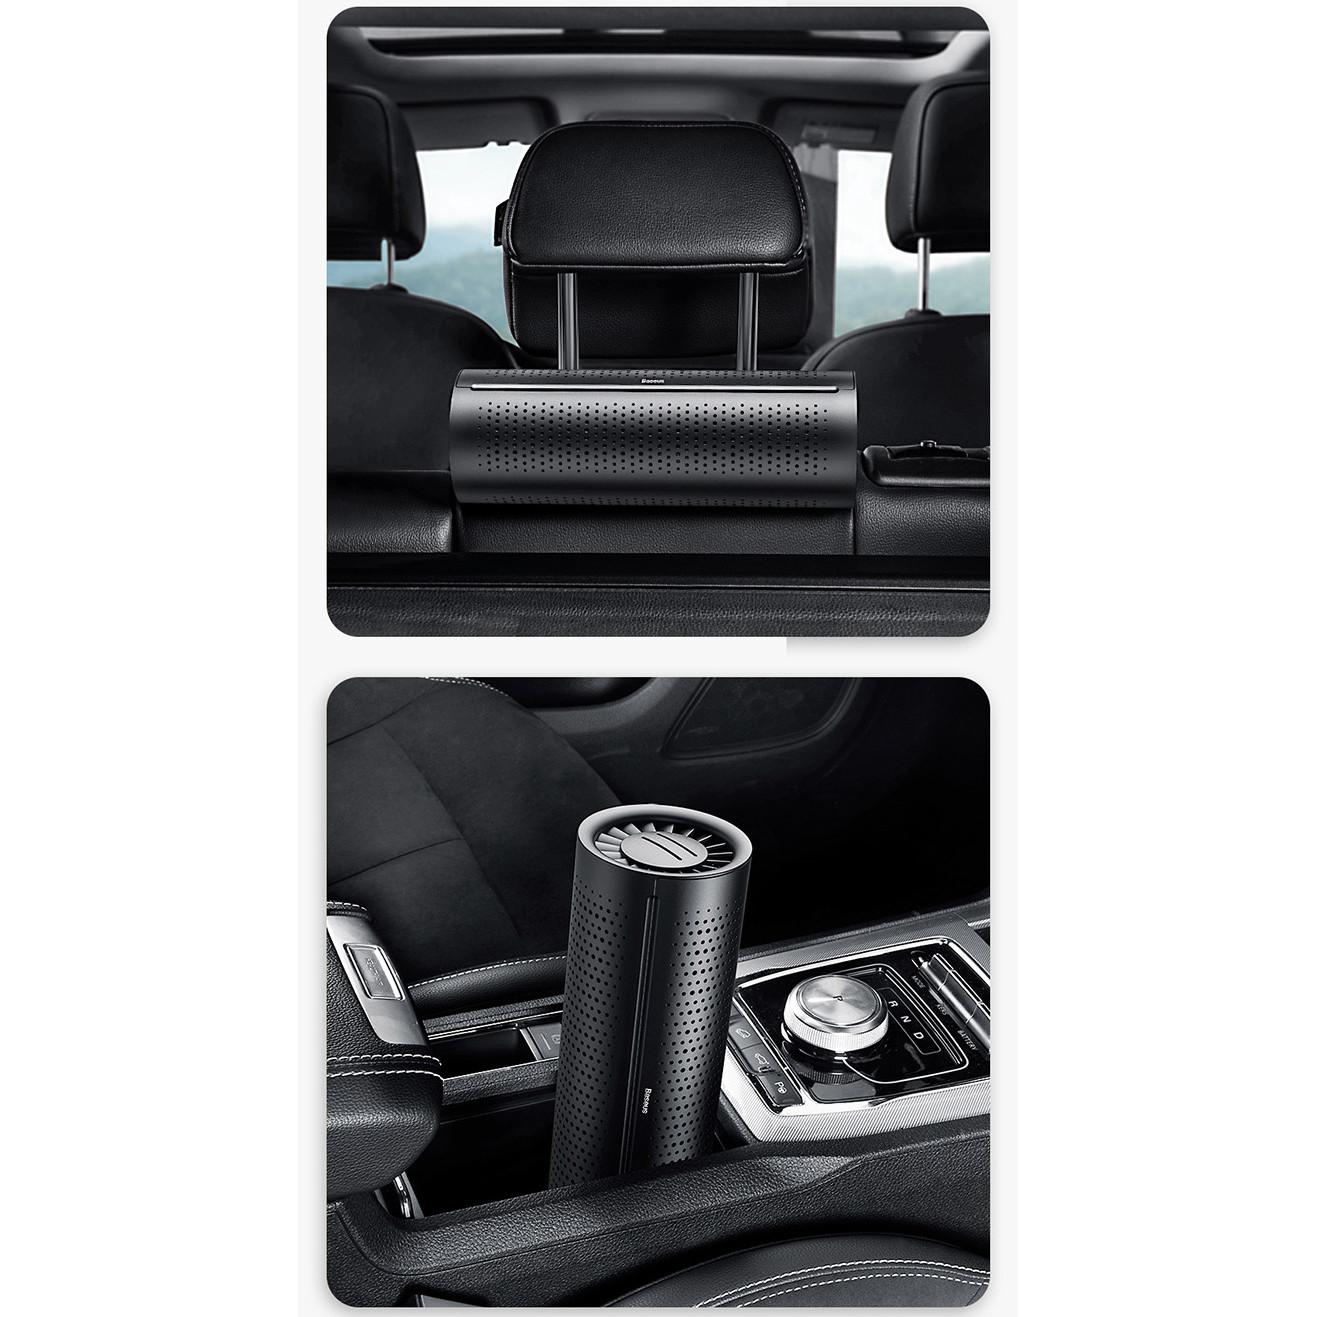 Bộ lọc không khí than hoạt tính trên xe hơi Baseus- Hàng chính hãng